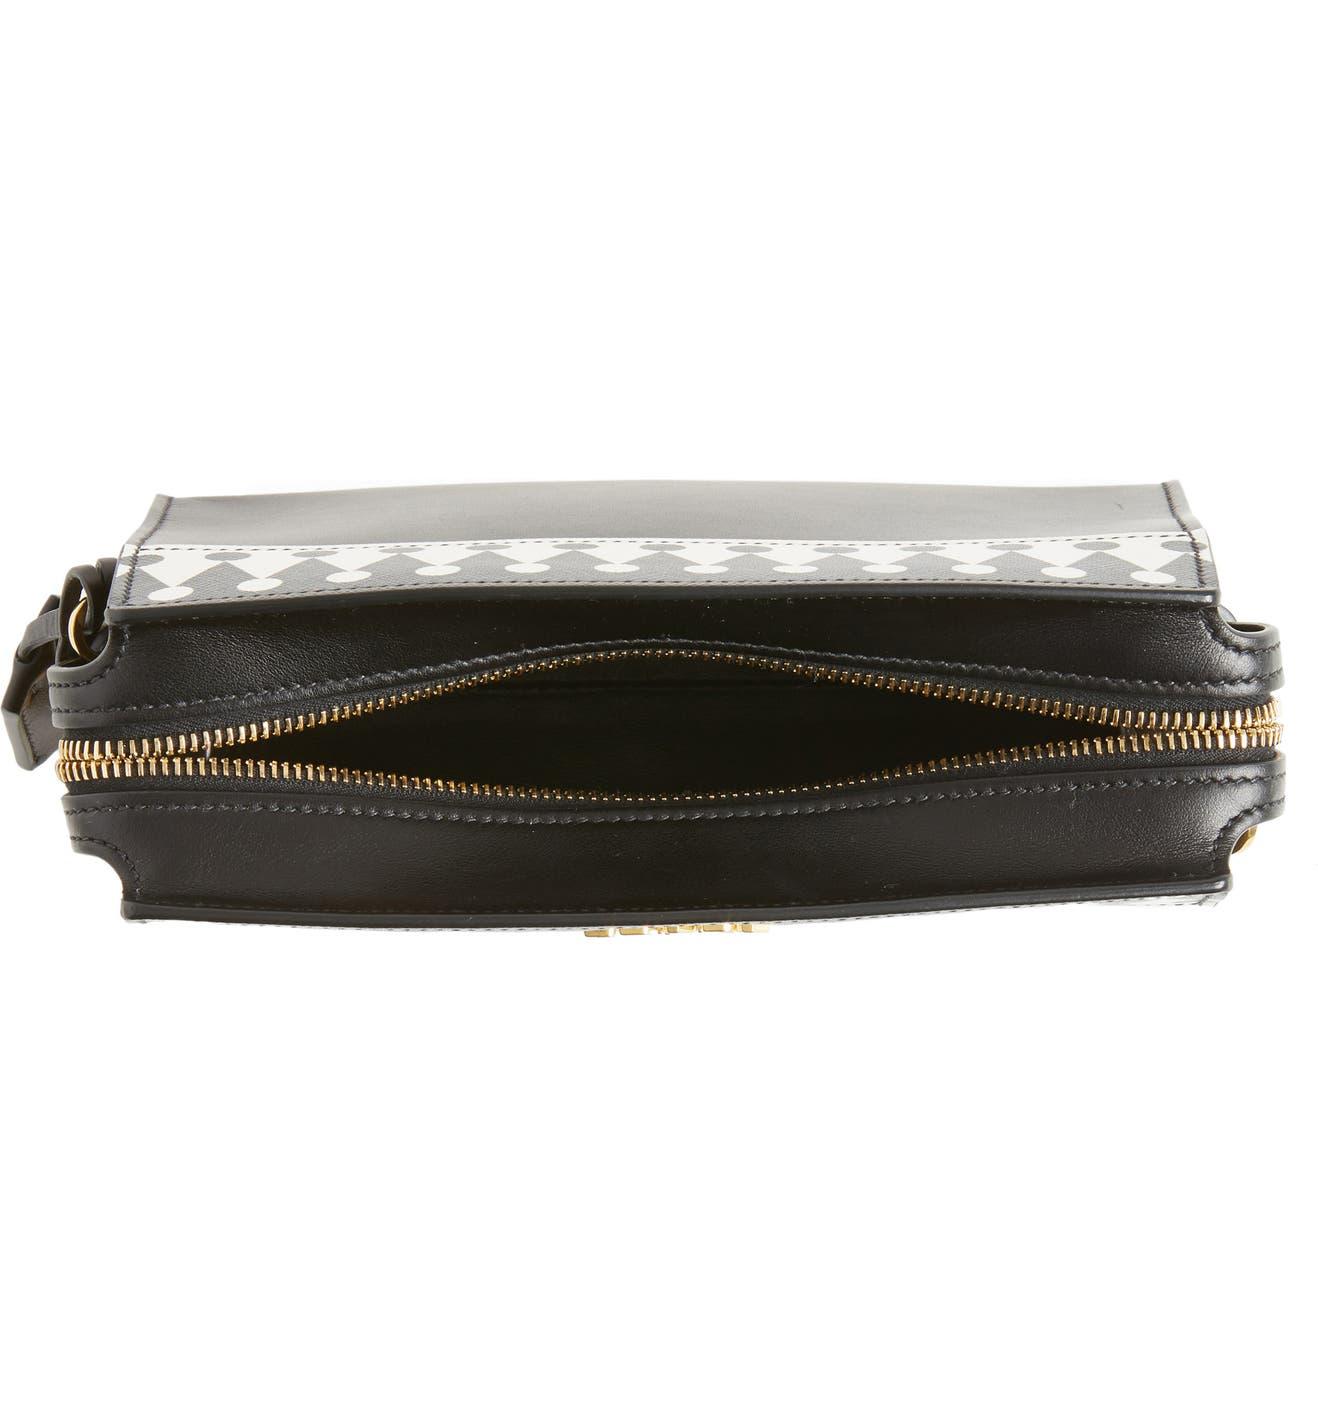 94cc30450706 Prada Esplanade Saffiano & City Calfskin Shoulder Bag | Nordstrom